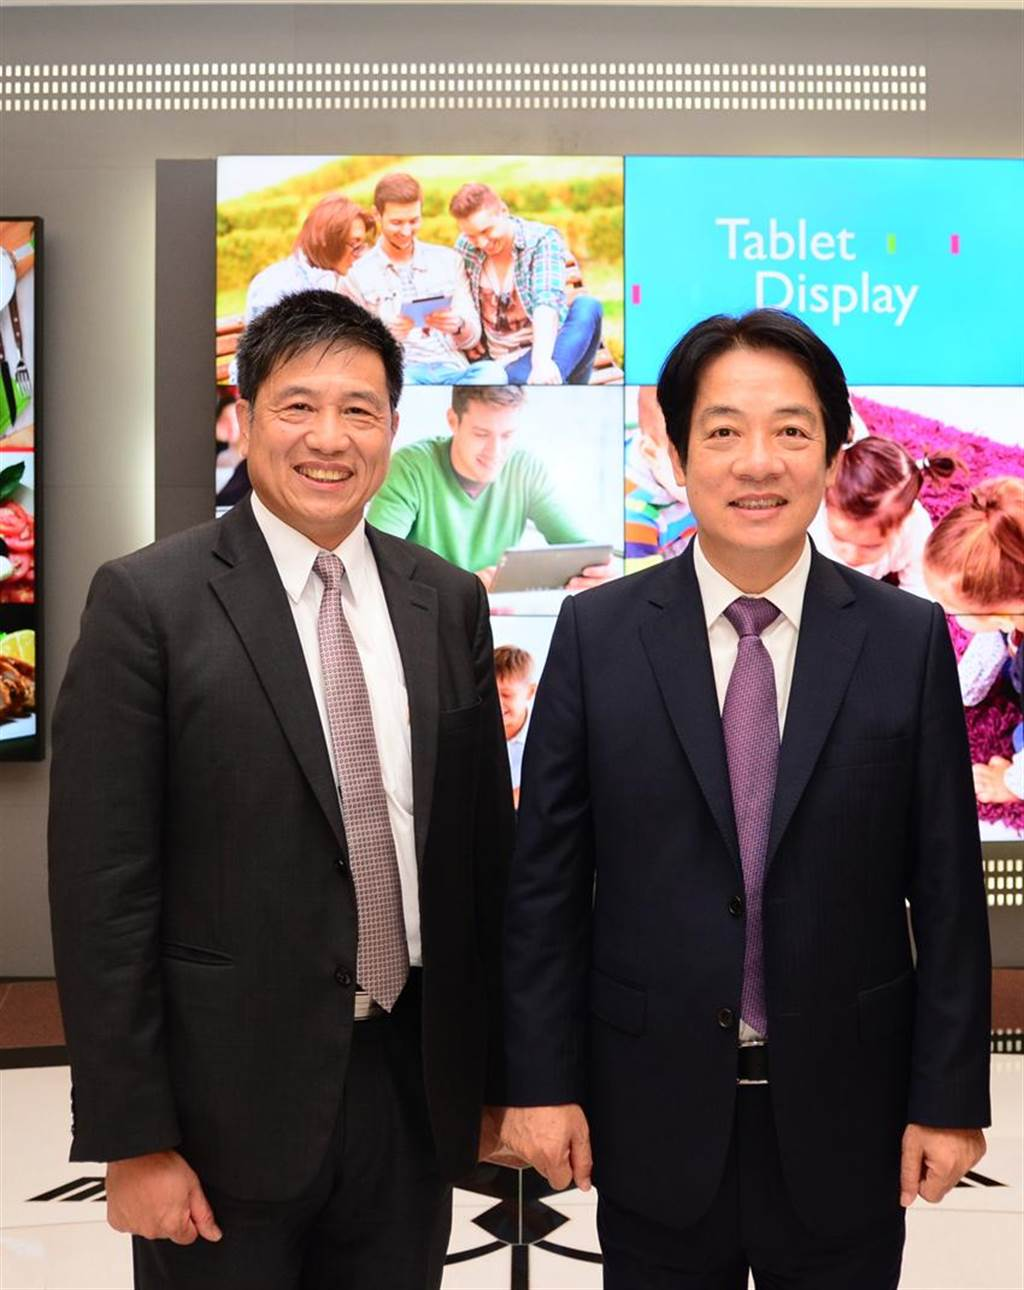 (副總統賴清德(右)參訪友達光電,與台北市電腦公會理事長暨友達光電彭双浪董事長(左)合影。圖/台北市電腦公會)